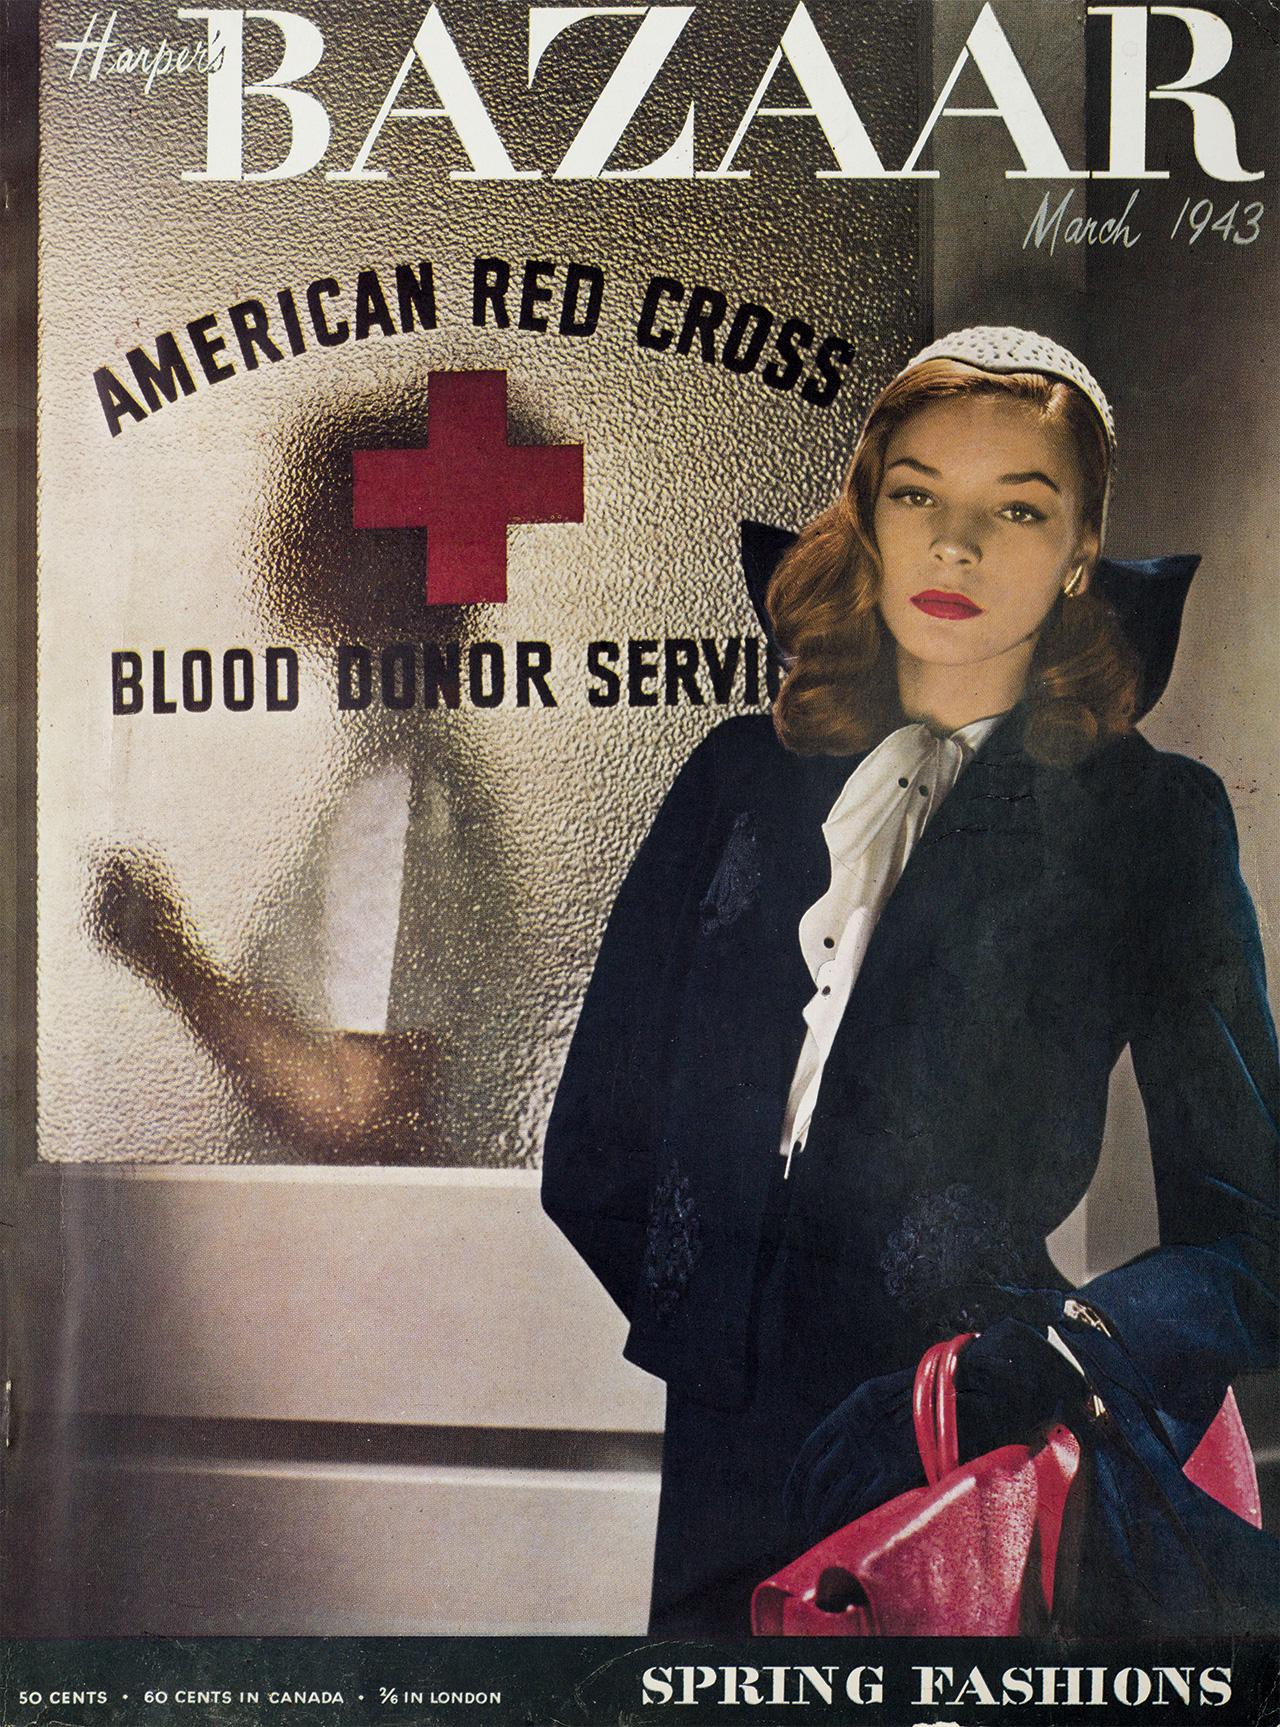 로렌 바콜이 등장한 1943년 3월 커버. 루이즈 달-울프가 촬영했다.